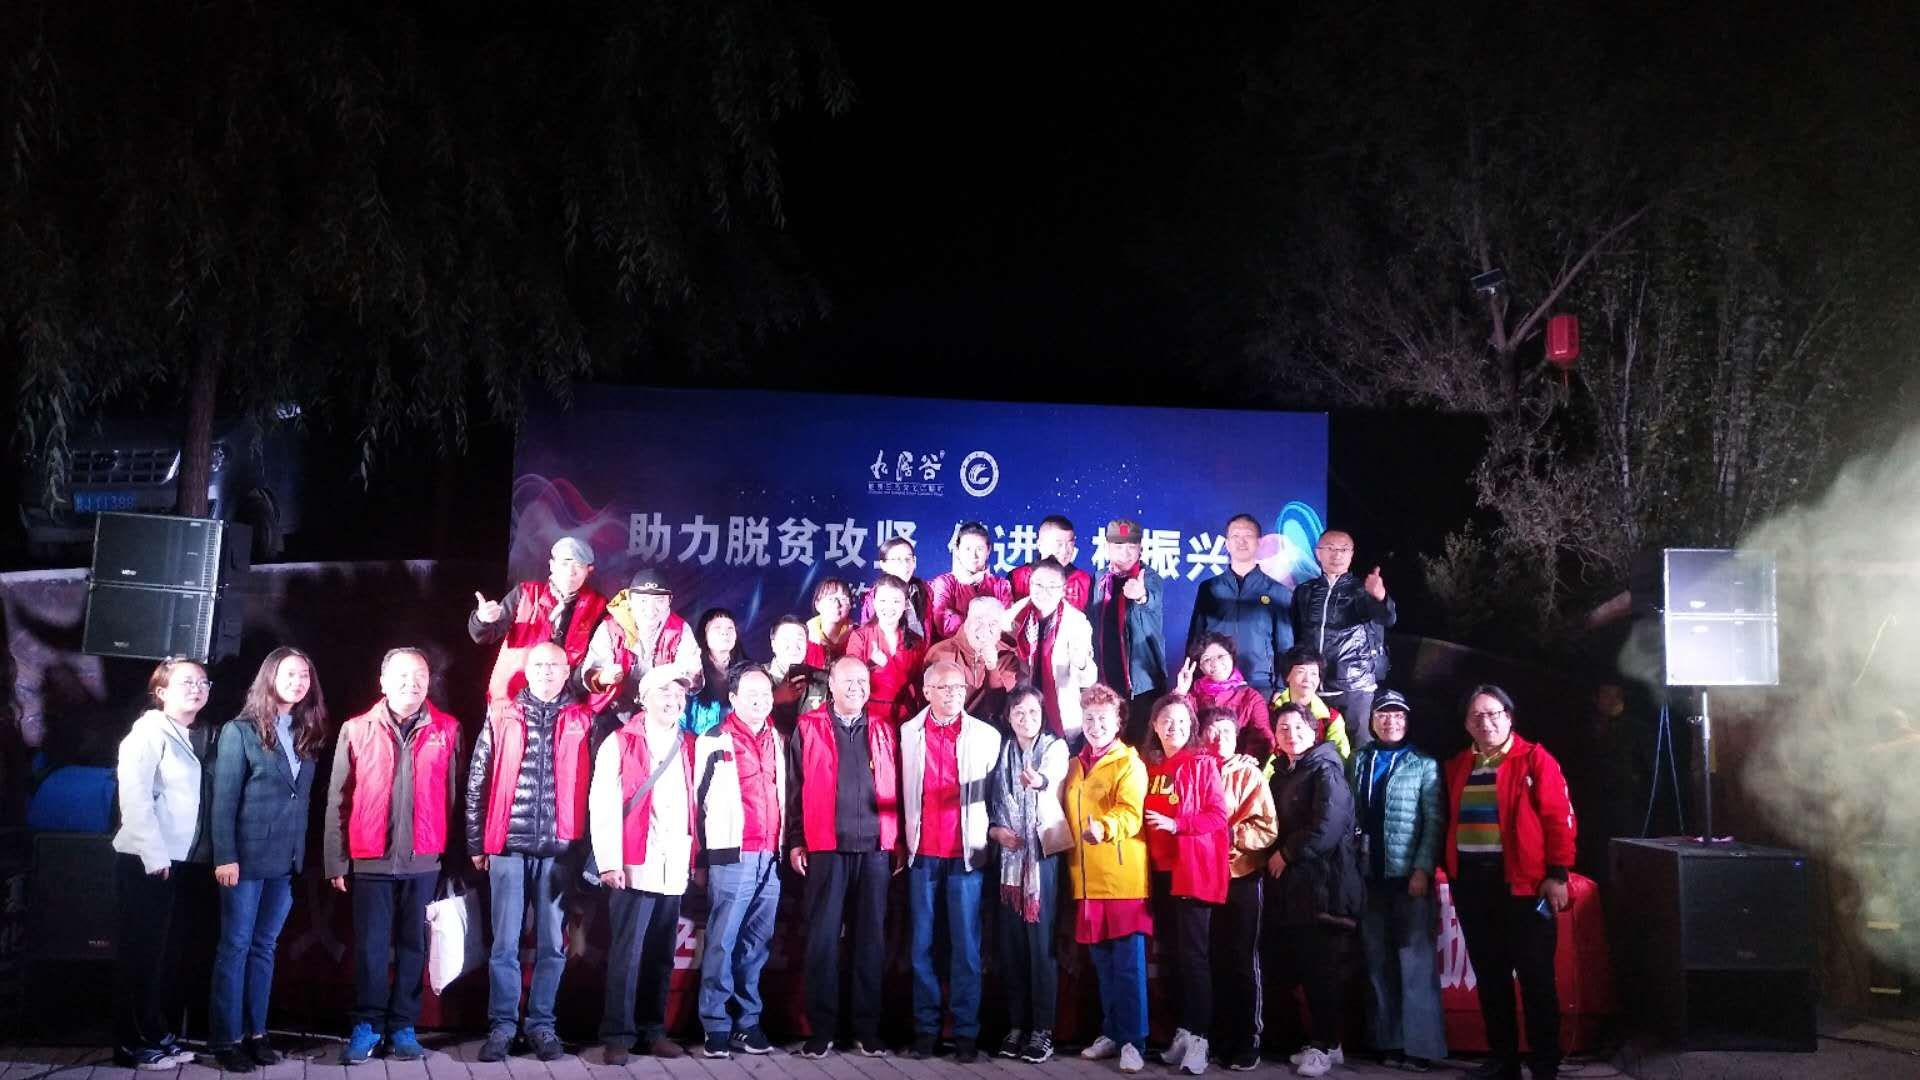 定西市张喜安县九聚谷:文化火光乡村振兴